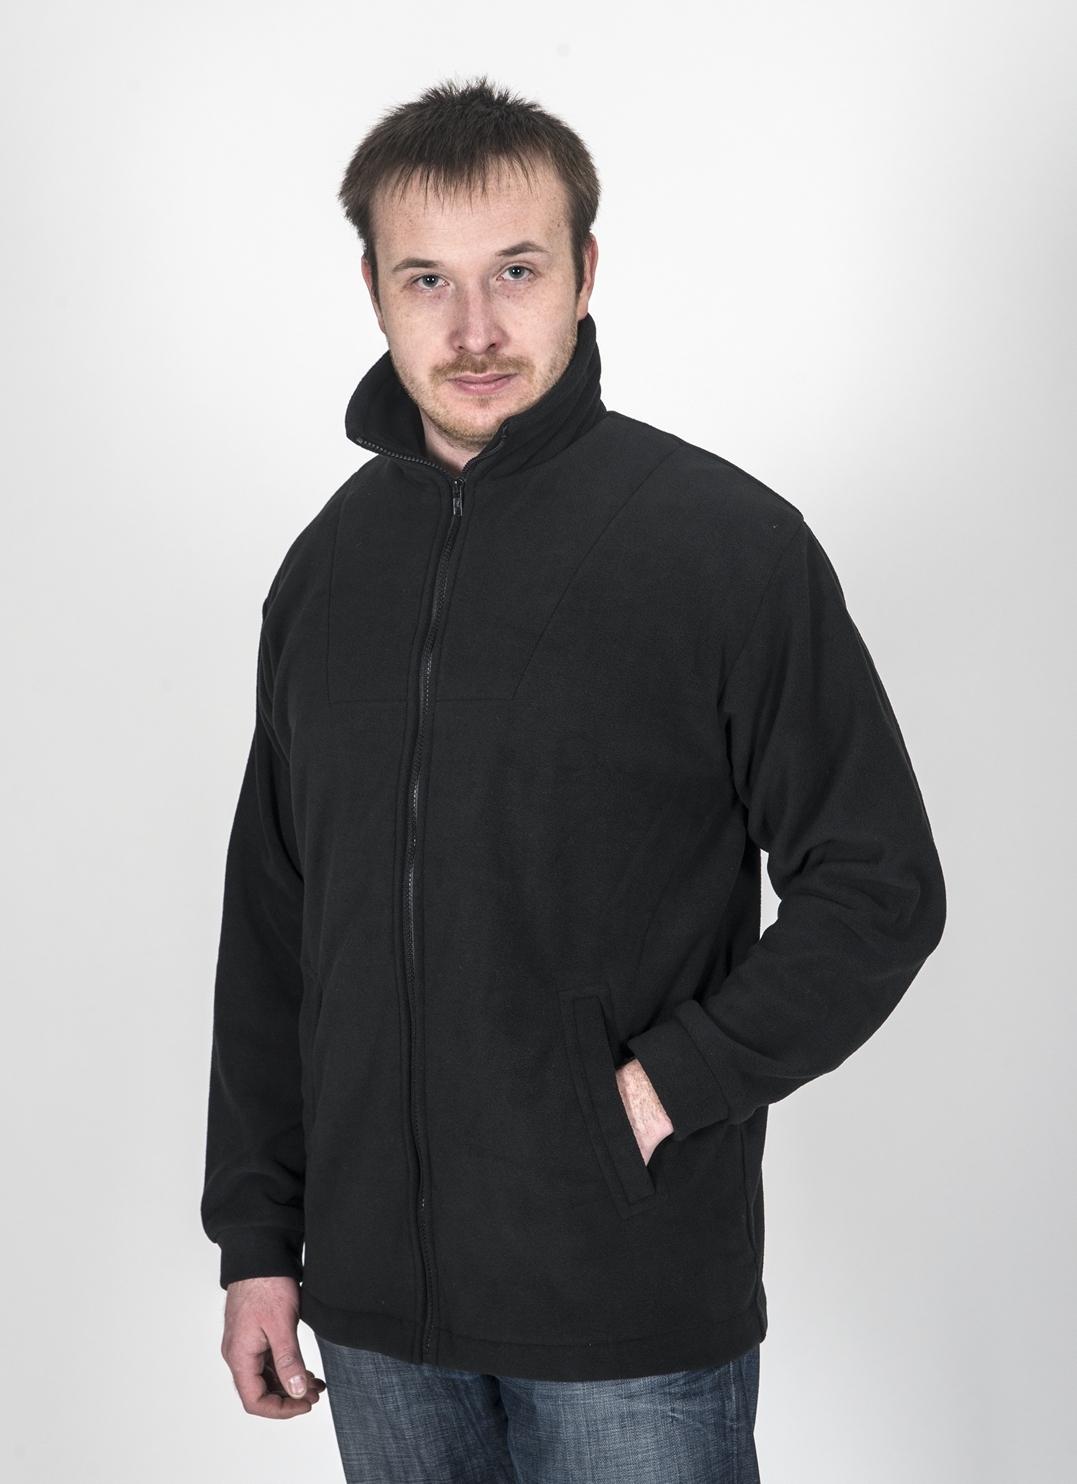 Куртка Fisherman Комфорт, цвет: черный. 54785. Размер 54/56КомфортФлисовая куртка Комфорт отлично заменит шерстяной свитер или кофту. Куртка имеет разъемную молнию, высокий воротник и два глубоких кармана. Низ куртки регулируется при помощи резинки и стоппера. Изготавливается из ткани Polar fleece плотностью 300 гр\м2.Polar fleece это: трикотажная ткань с двухсторонним ворсом: особо износоустойчивым с наружной стороны - Polar и очень мягким и комфортным с внутренней - fleece. Polar fleece - лучший современный заменитель шерсти, дышащий и не вызывающий аллергии.Основные достоинства и преимущества:высокоэффективная теплозащита; мягкость и комфорт при прикосновении; отлично впитывает влагу и не холодит тело при намокании, как одежда из хлопка; быстро высыхает после намокания – быстрее, чем хлопок или шерсть; не обладает усадкой после стирки; не растягивается и не теряет форму в процессе эксплуатации.